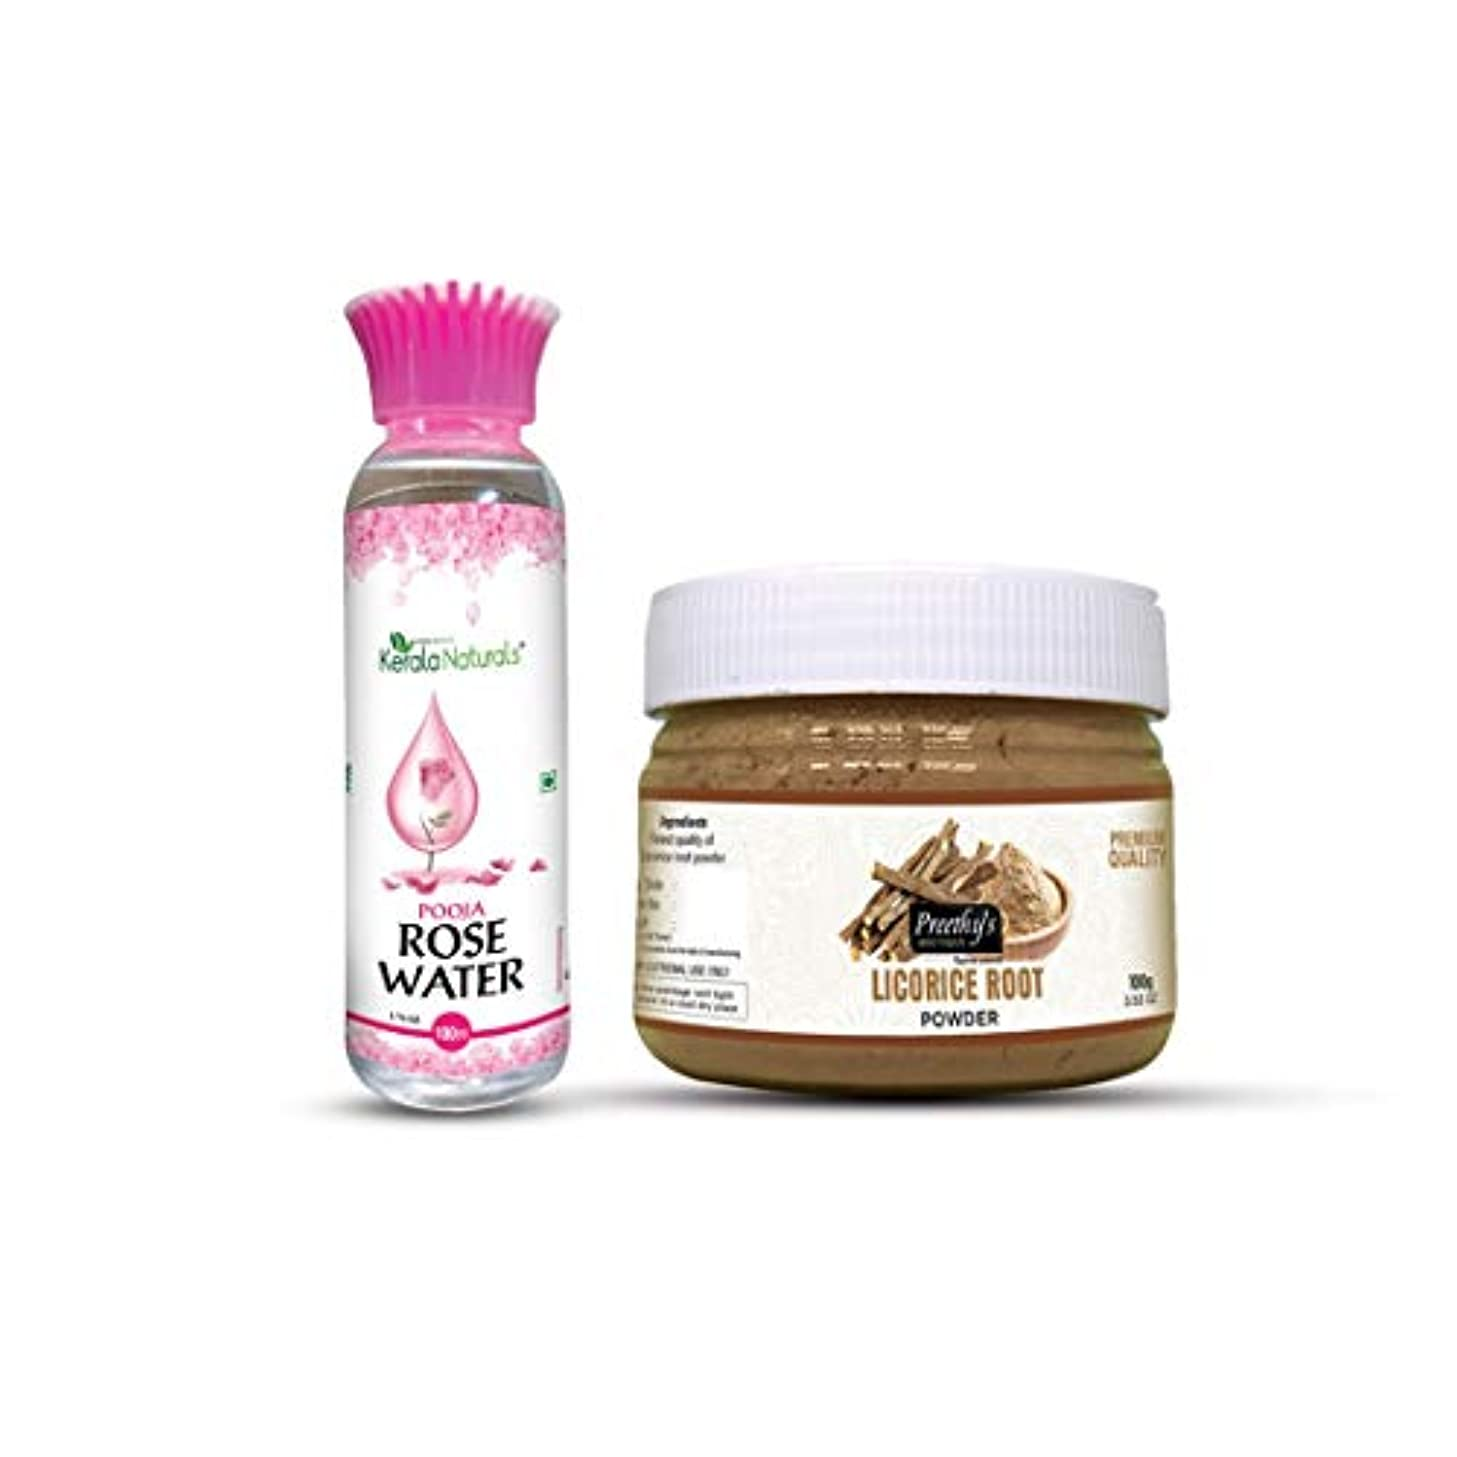 クリック累積明確なCombo of Licorice root powder 100gm + Rose water 100ml - Natural Remedies for Skin Disorders, Fade Dark Spots,...